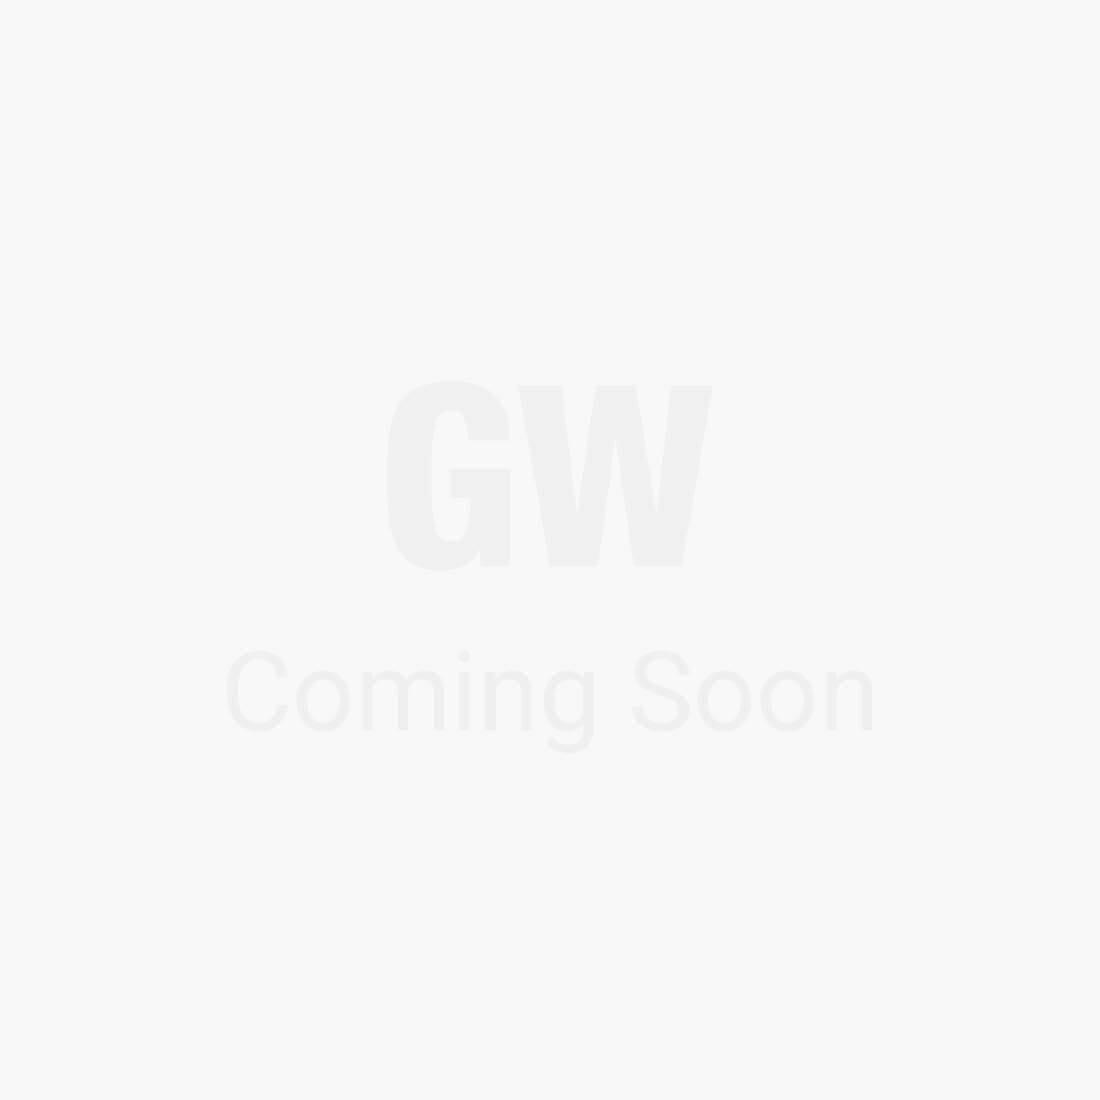 Classique Slim 3 Compartment Entertainment Unit